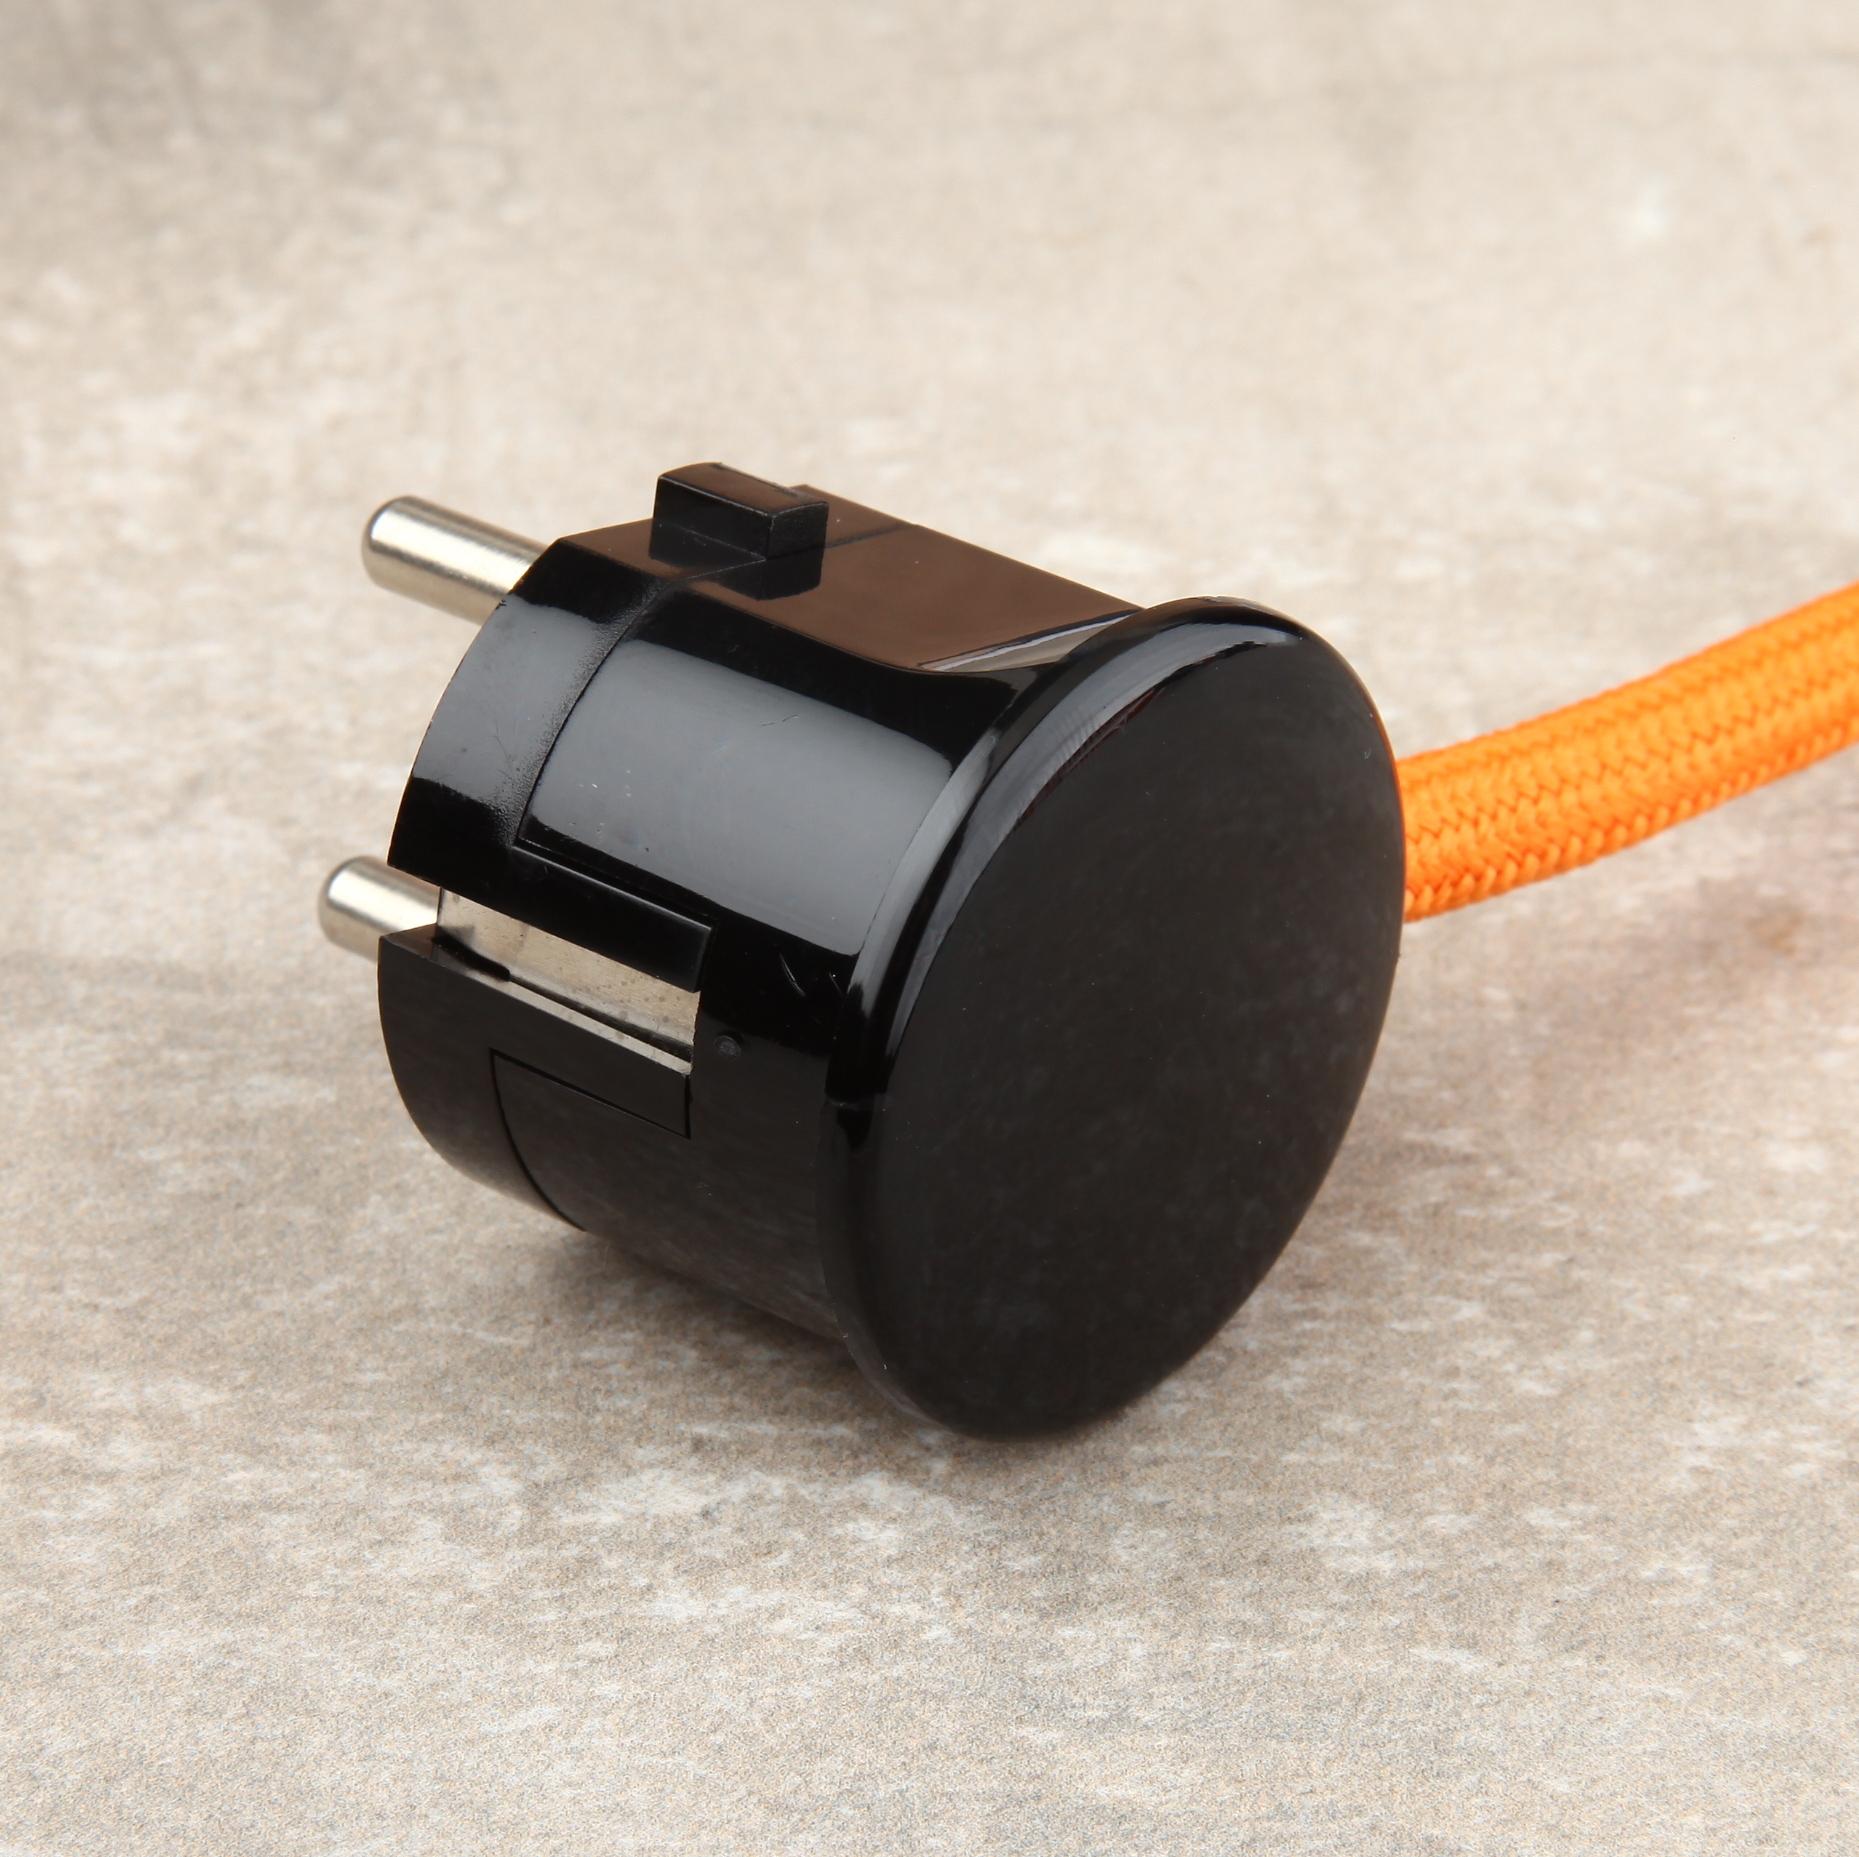 lampen schutzkontakt winkel stecker selber montieren 2. Black Bedroom Furniture Sets. Home Design Ideas